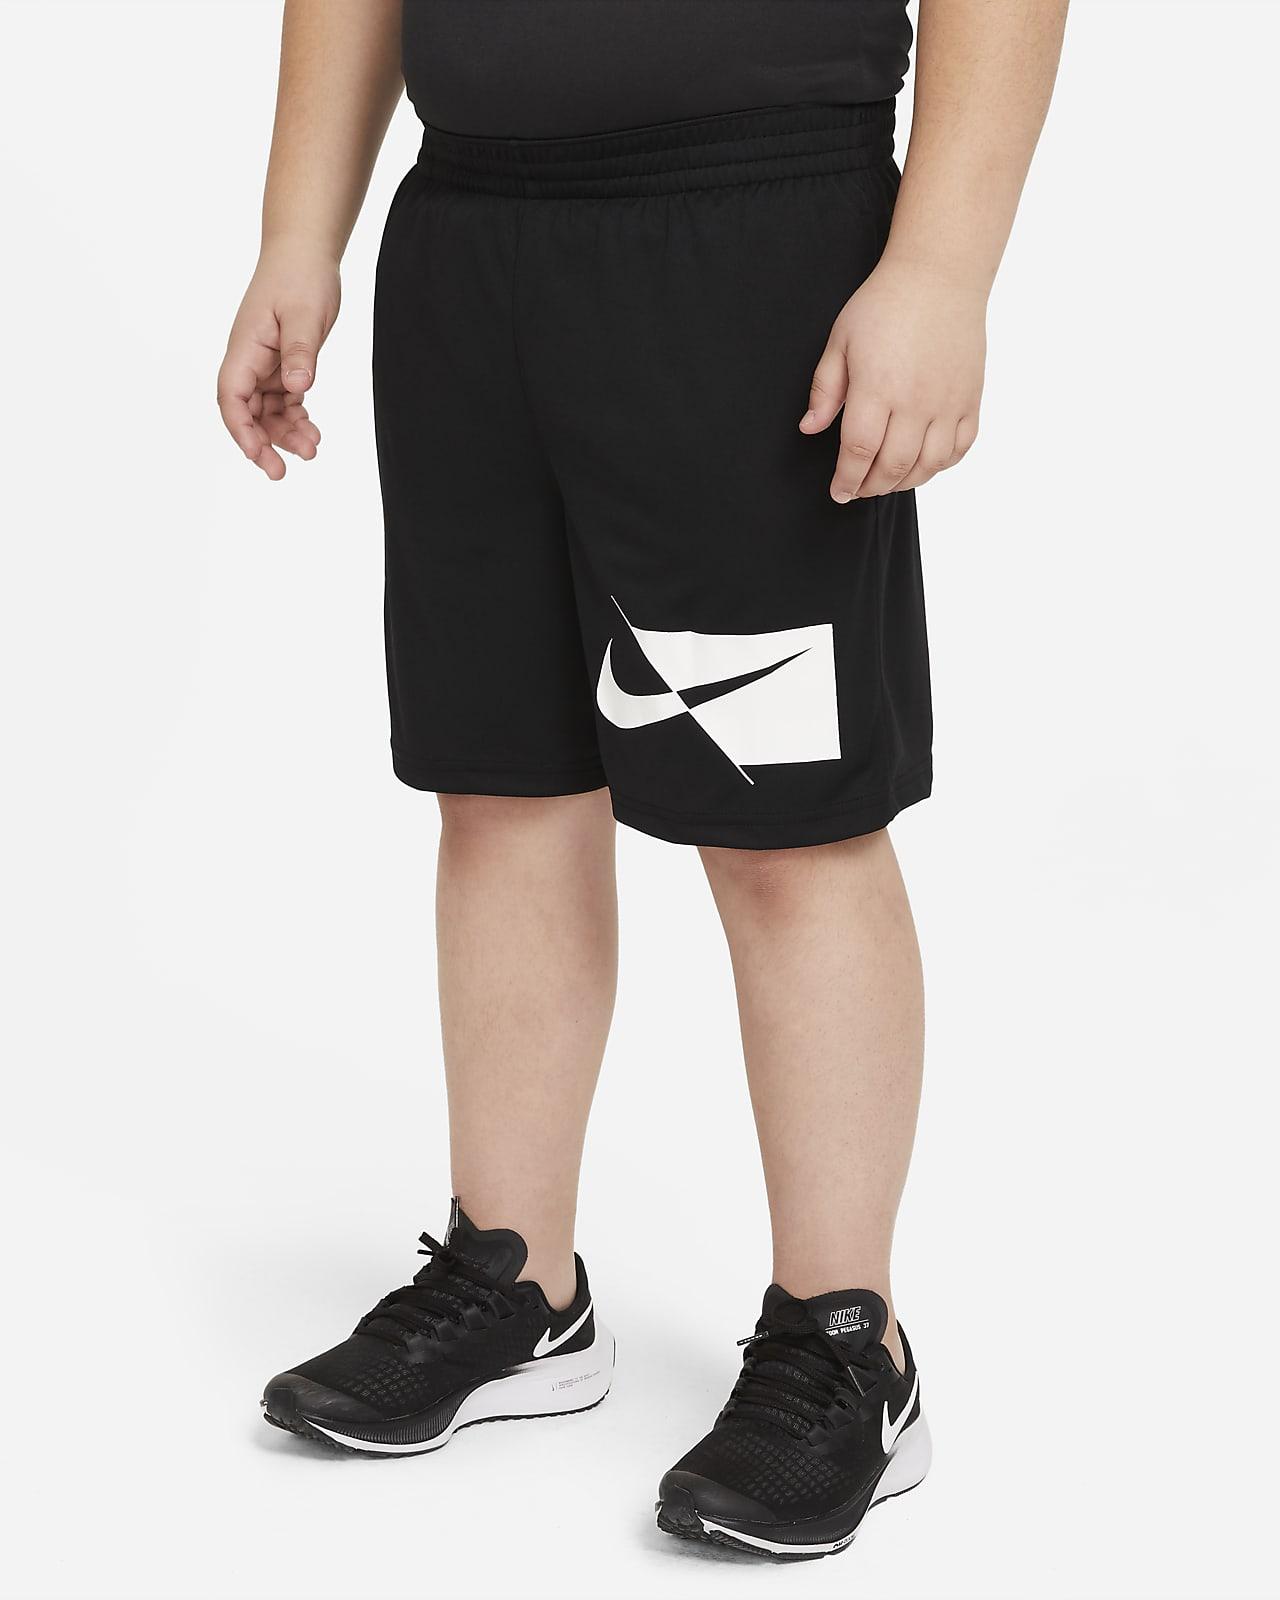 Nike Dri-FIT Pantalón corto de entrenamiento (Talla grande) - Niño